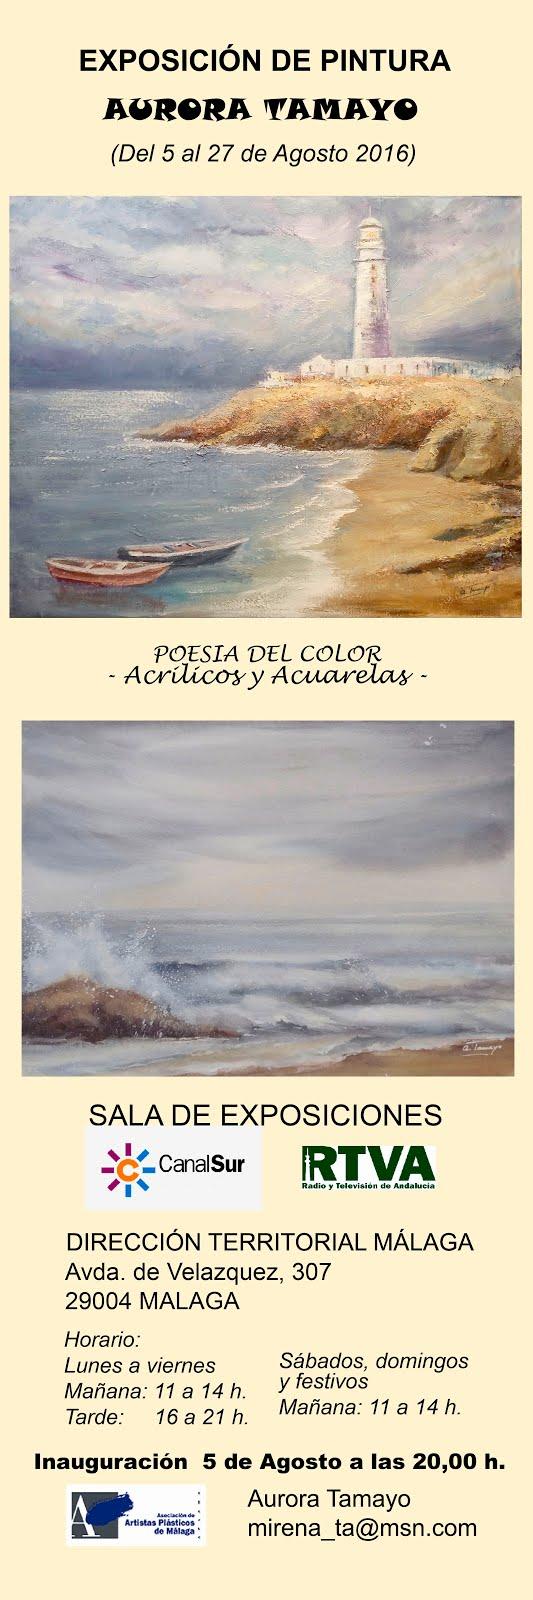 Exposicion de pintura en Málaga